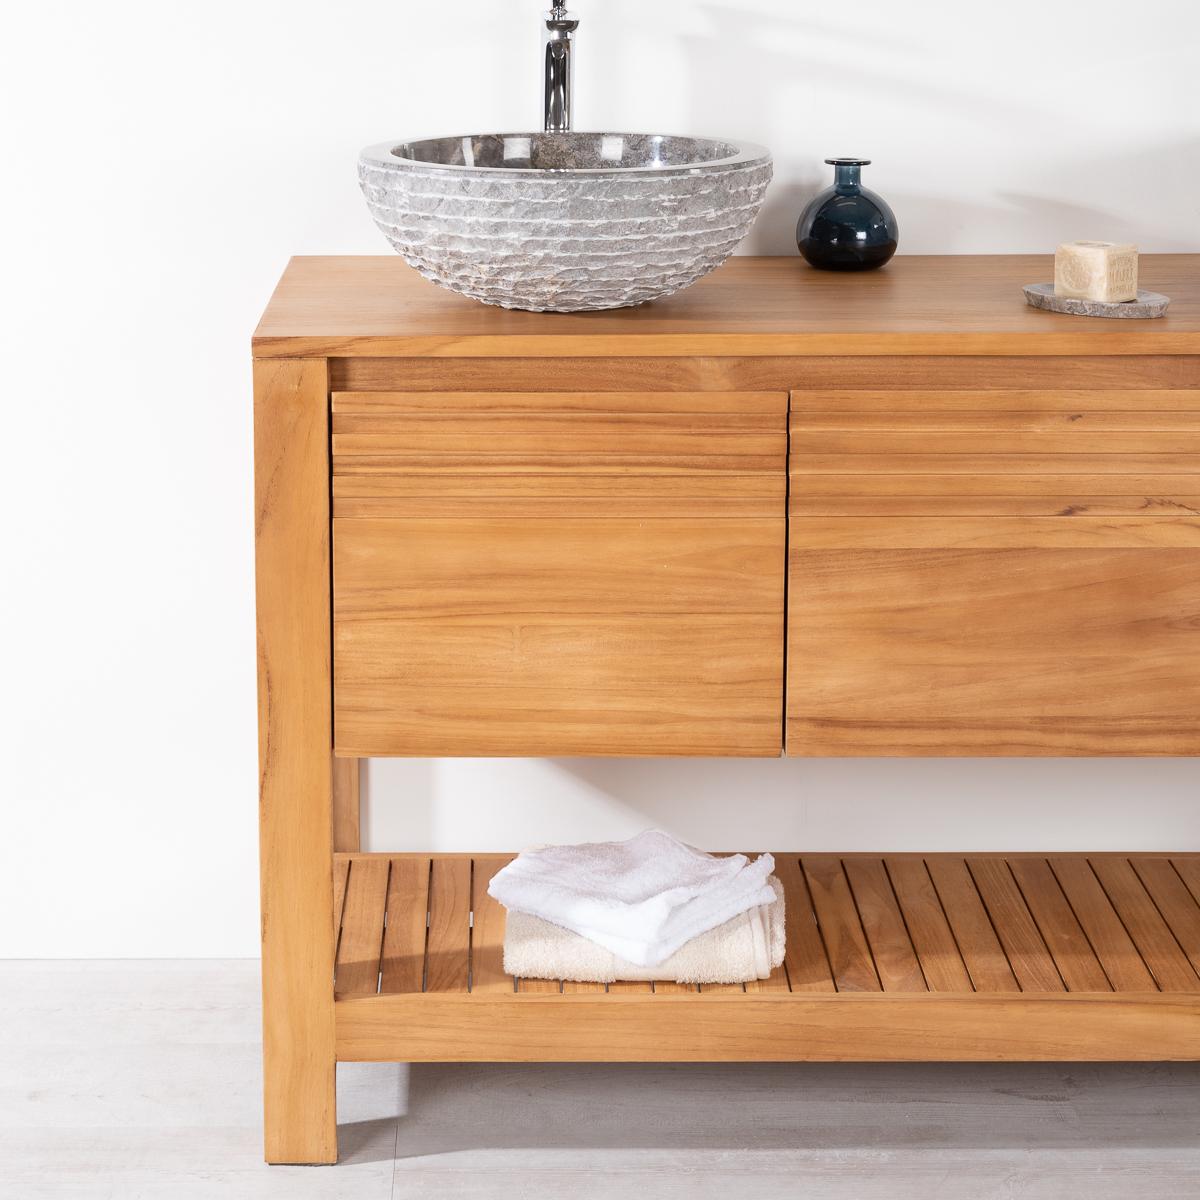 Meuble sous vasque simple vasque en bois teck massif for Meuble salle de bain 140 cm